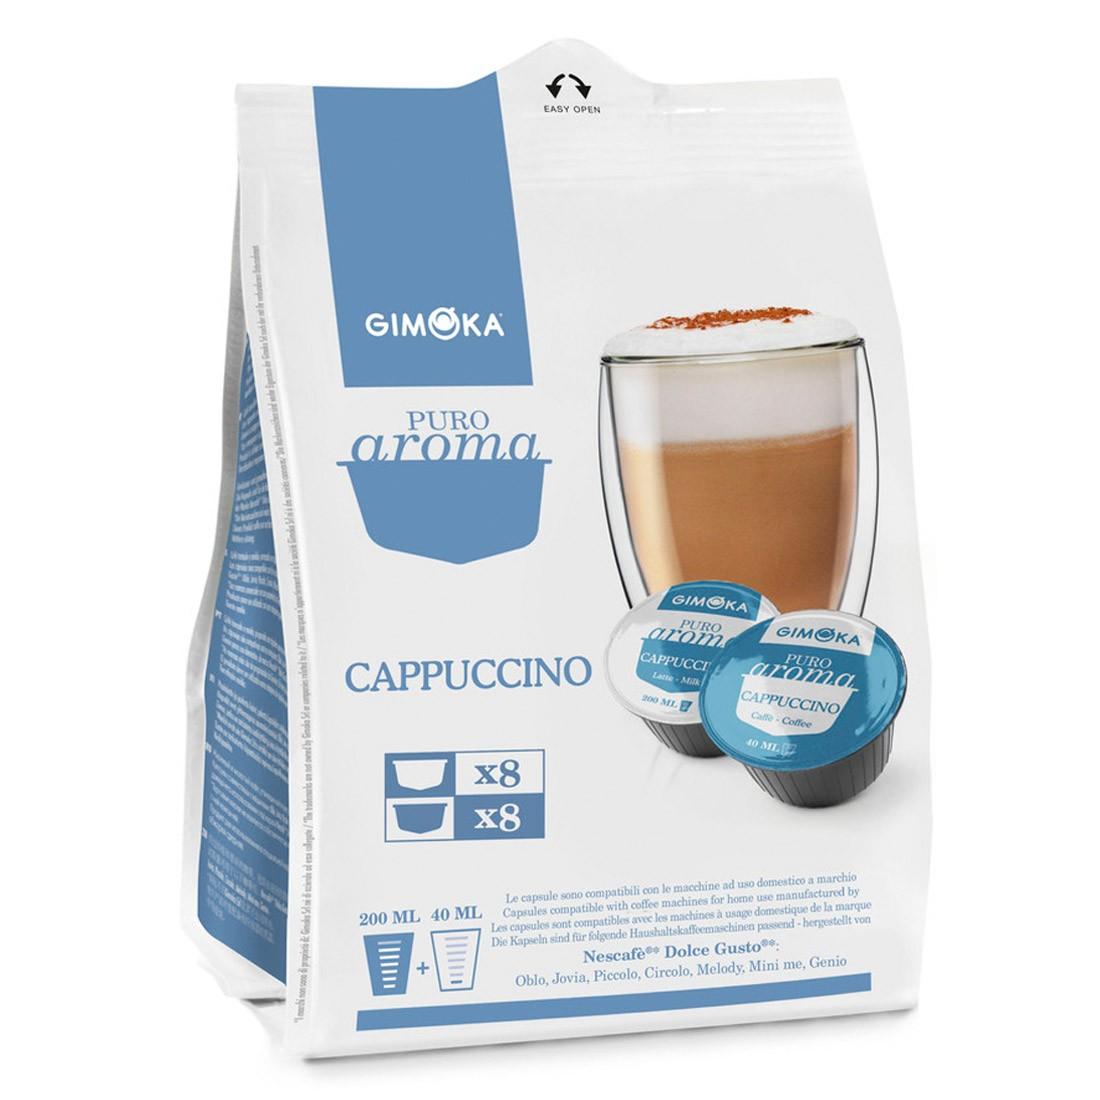 Cápsulas Compatível Dolce Gusto Cappuccino Gimoka - 16 un